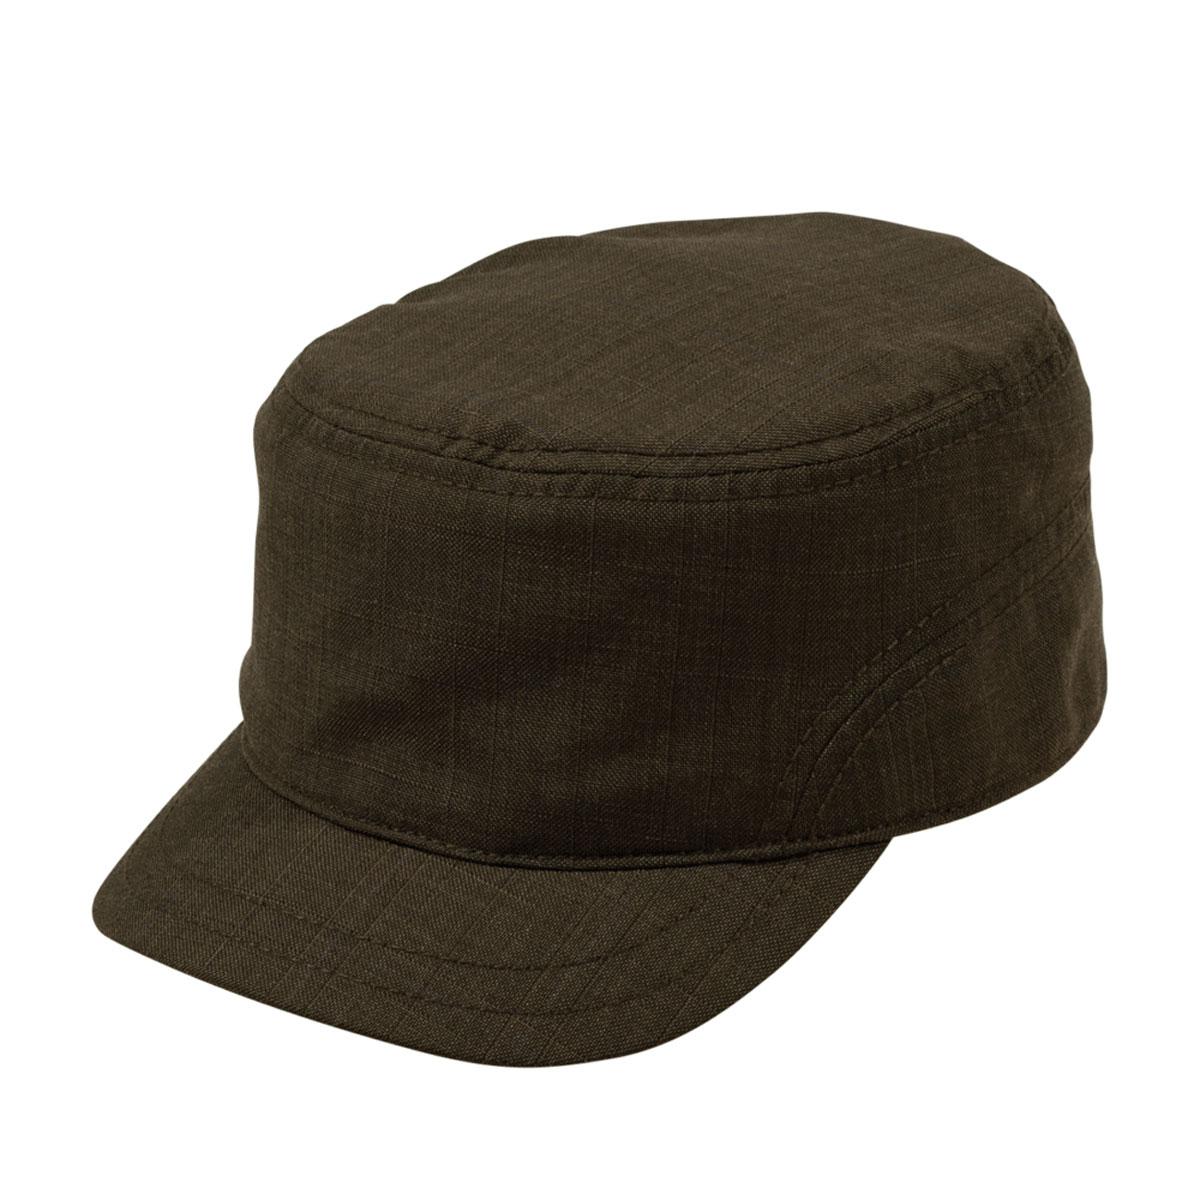 Кепка унисекс. 90-283-1490-283-14-57Mark Healey – элегантная модель кепки немки, отлично сочетающаяся с кожаной курткой. Сшита из плотной ткани, нити которой едва заметно различаются по оттенку. Скроена так, что изогнутая боковая строчка продолжается на закругленном козырьке. Спереди сбоку кепка украшена металлическим значком с эмблемой Goorin. Внутри имеется подкладка и мягкая лента для комфортной посадки.